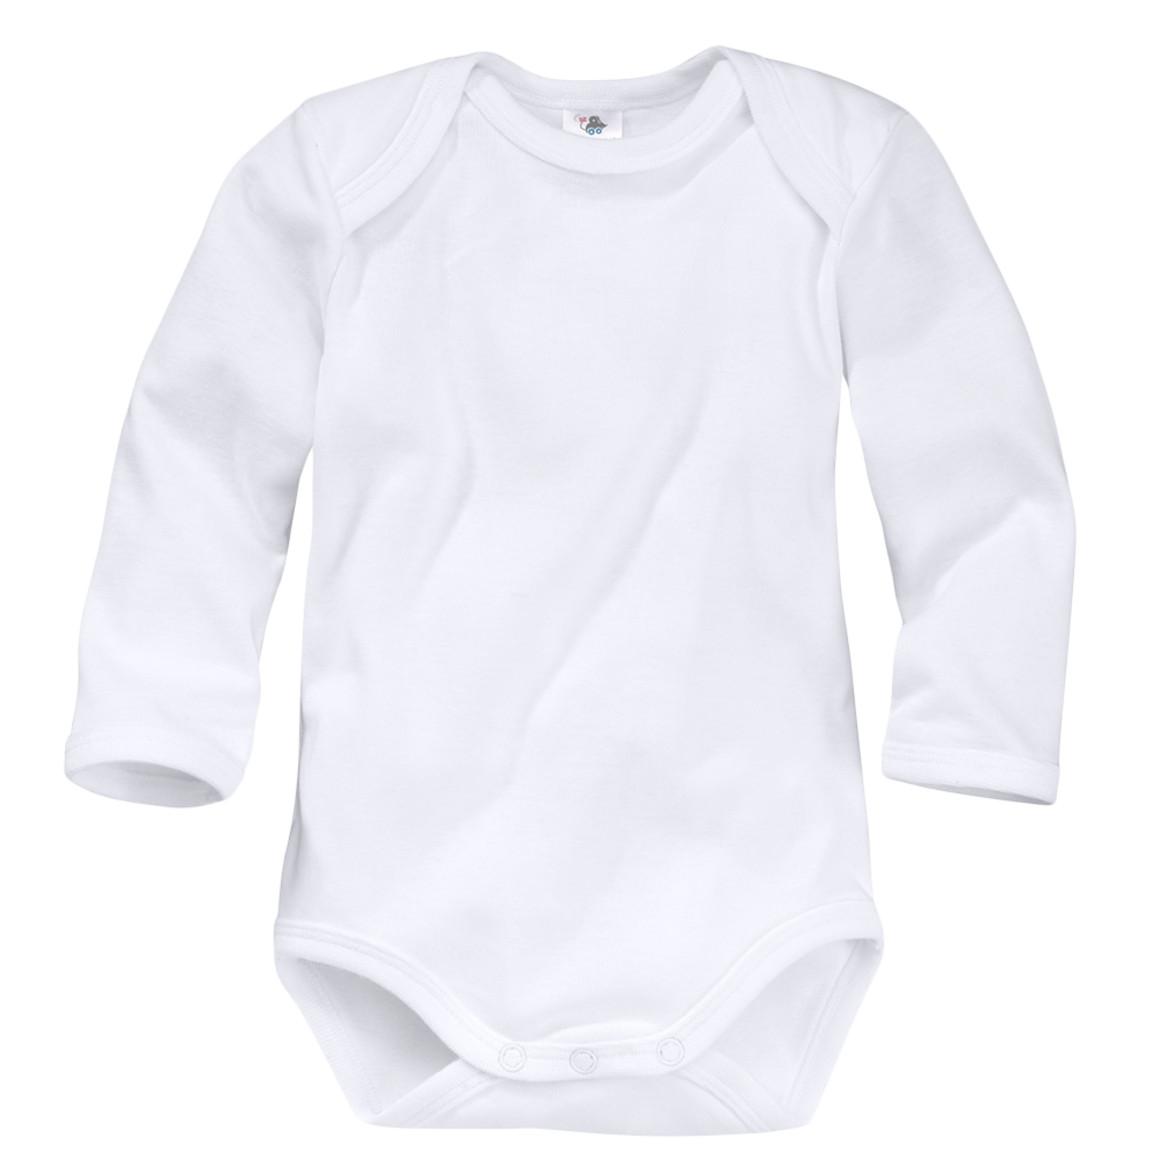 Baby Langarmbody im klassischen Weiß